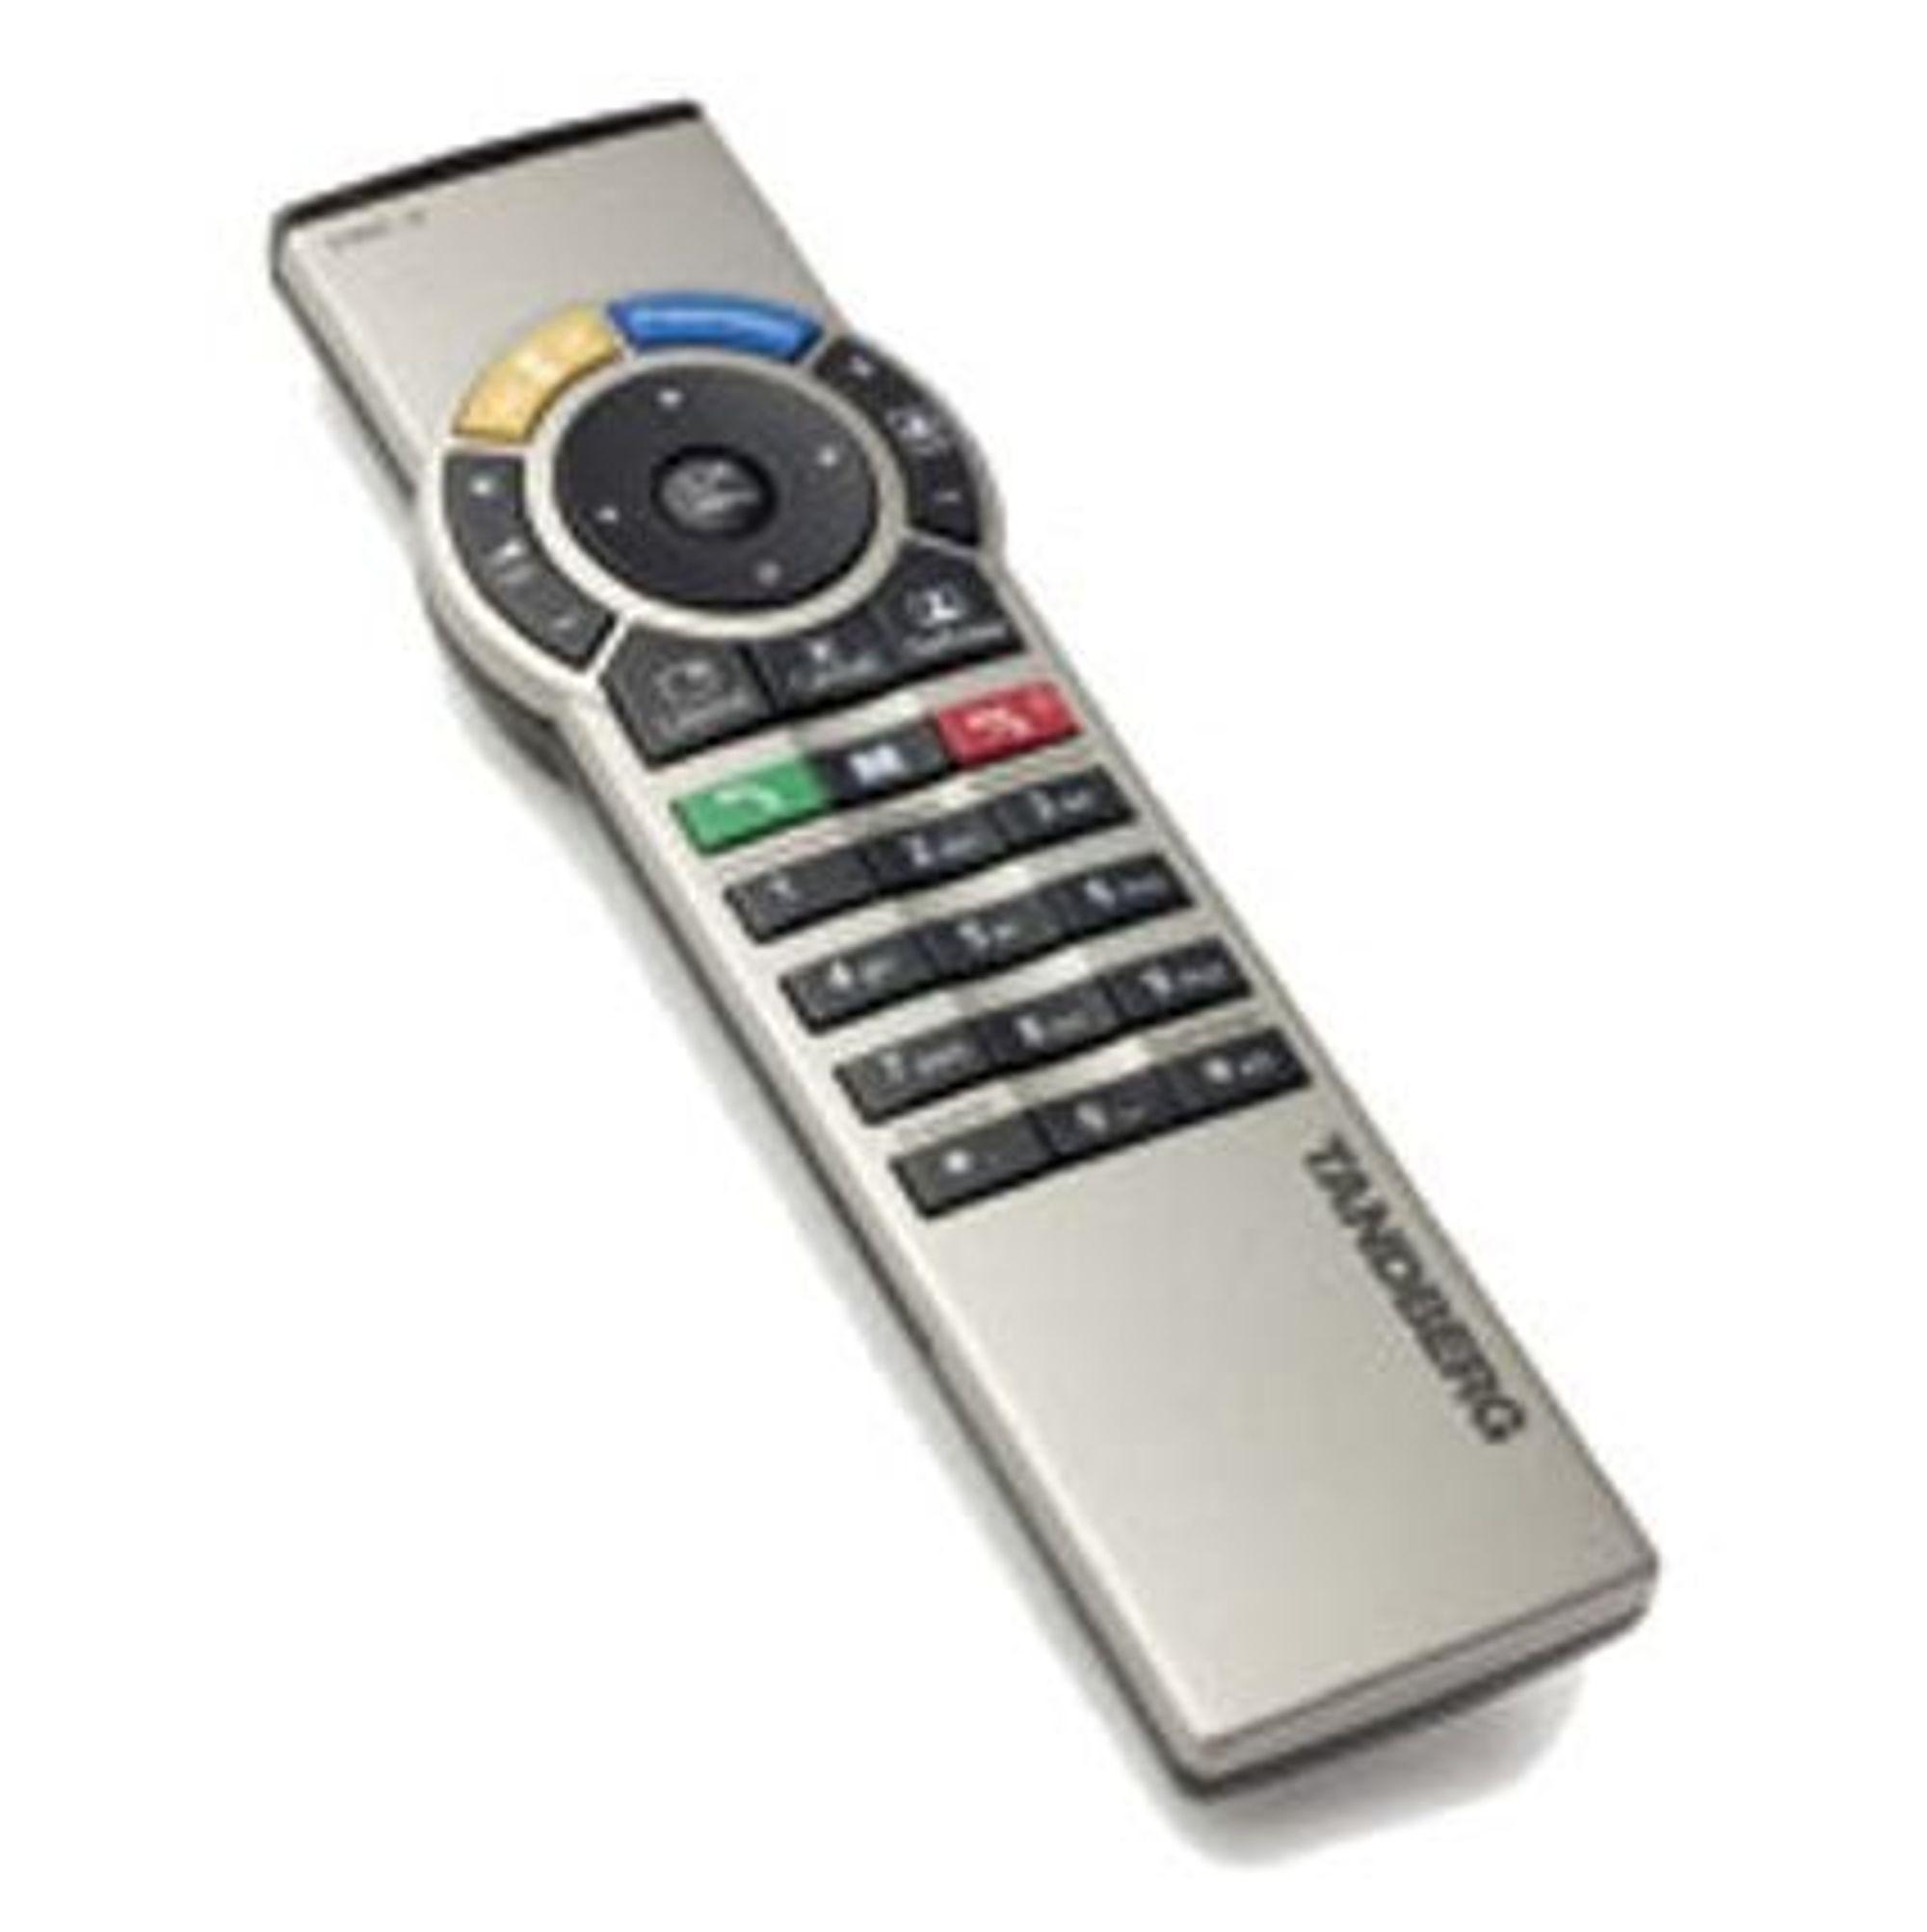 GOD DESIGN:Fjernkontrollen til Tandberg MXP videokonferanseprodukter er tildelt Merket for god design 2004.FOTO: TANDBERG